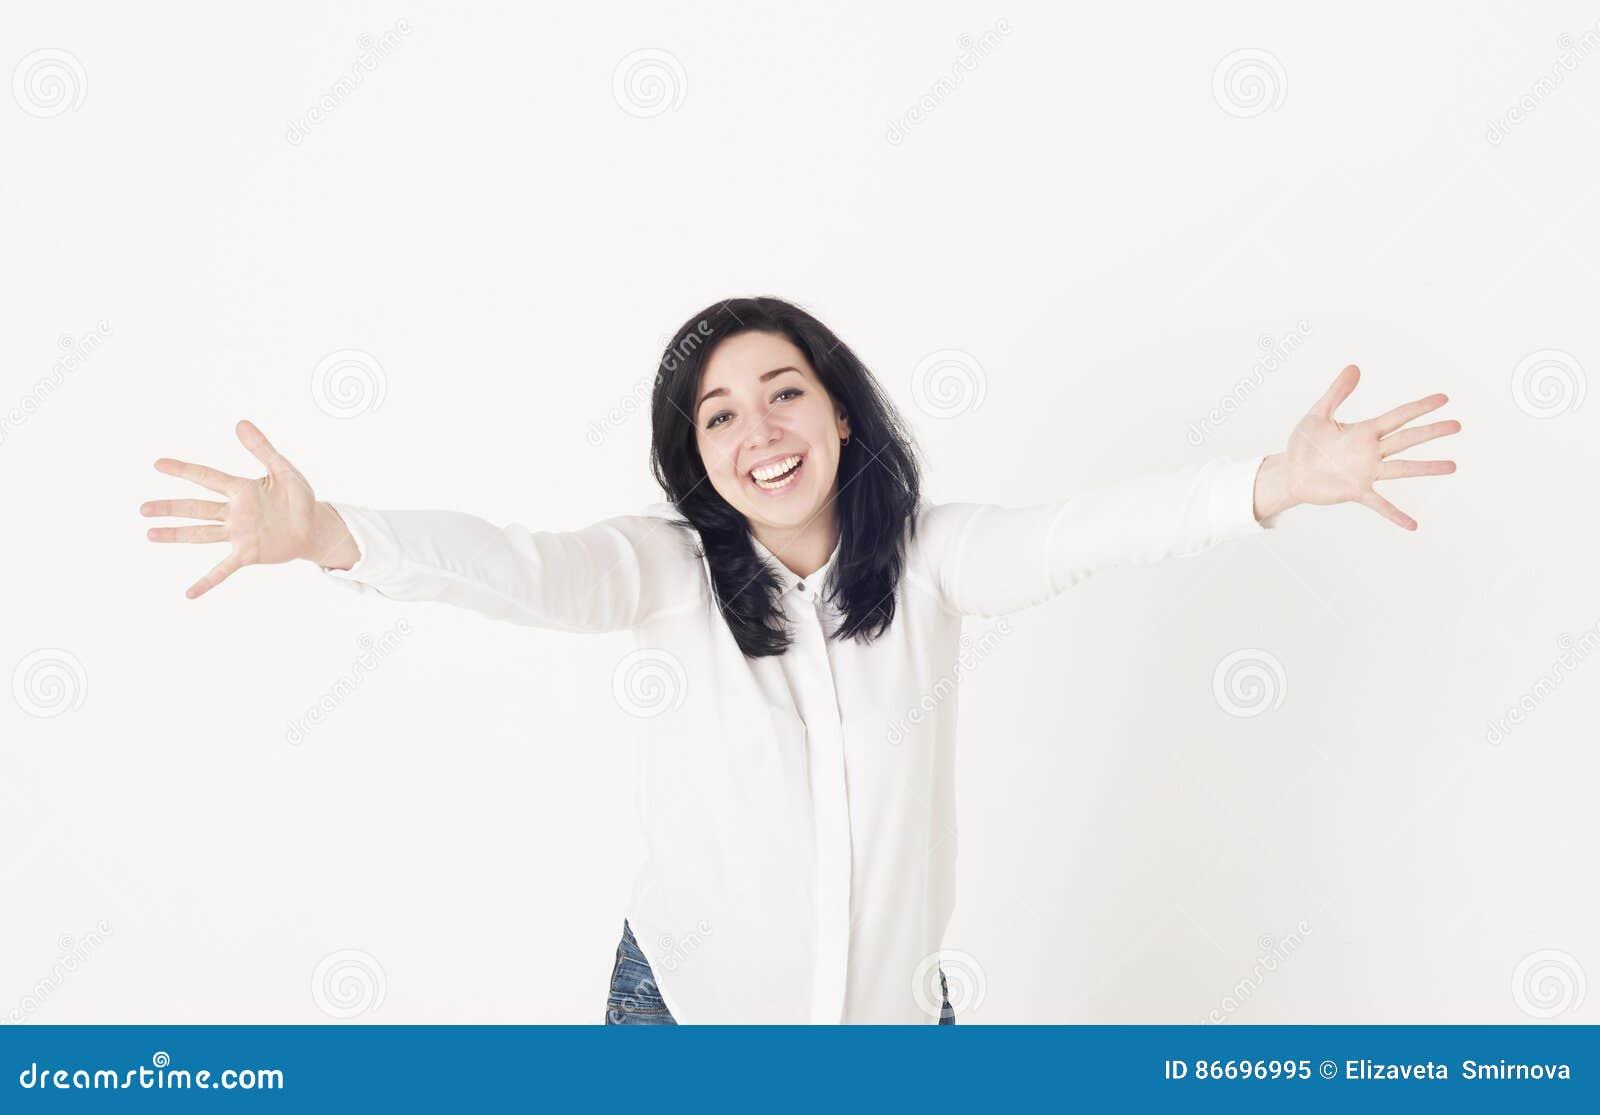 De jonge vrouw in een witte blouse treft voorbereidingen om iemand te koesteren, spreidt haar handen uit wijd apart en begroet he